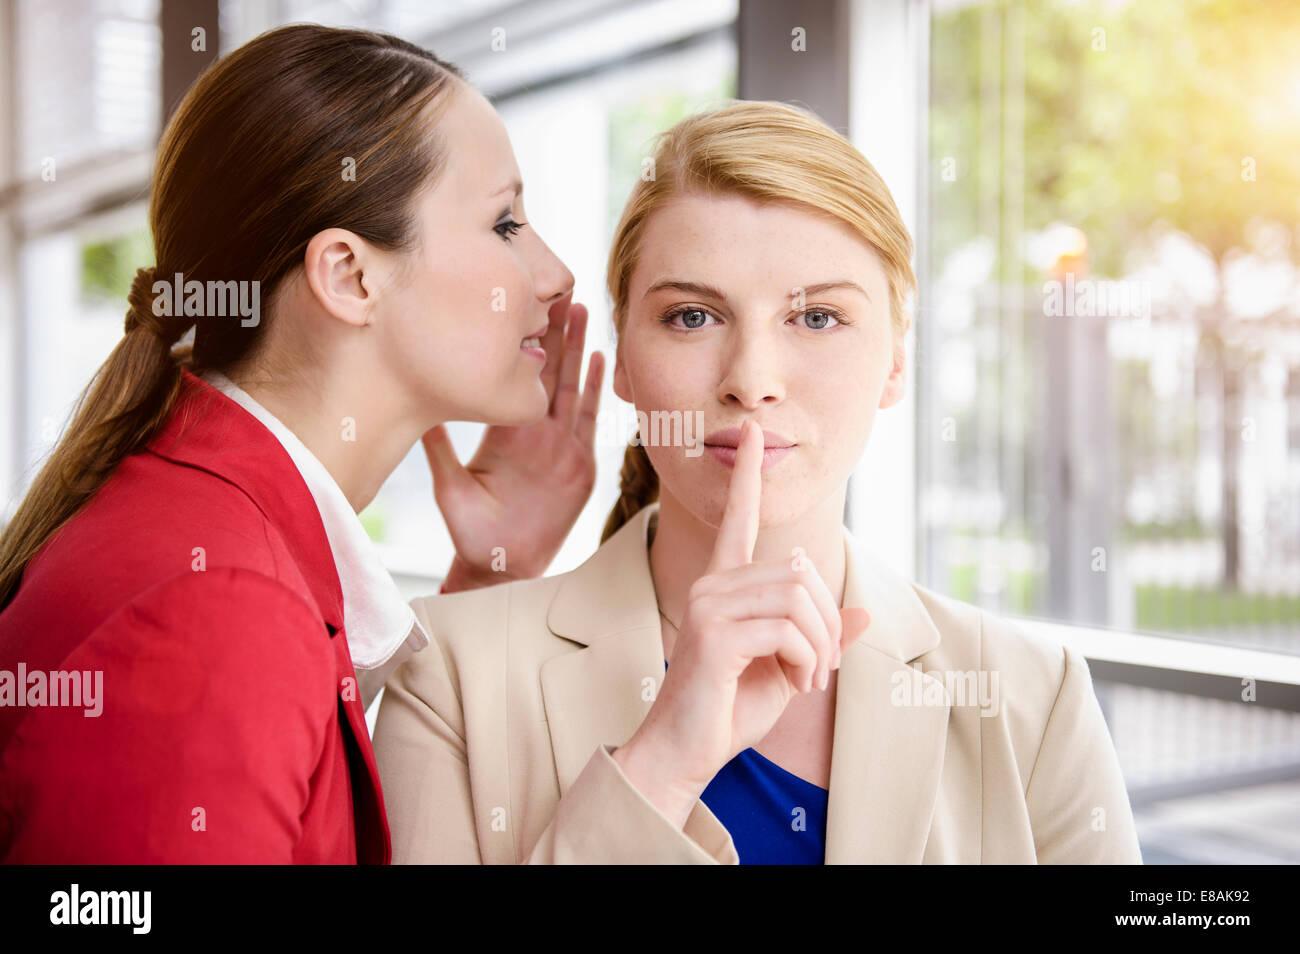 Businesswomen sharing secret - Stock Image